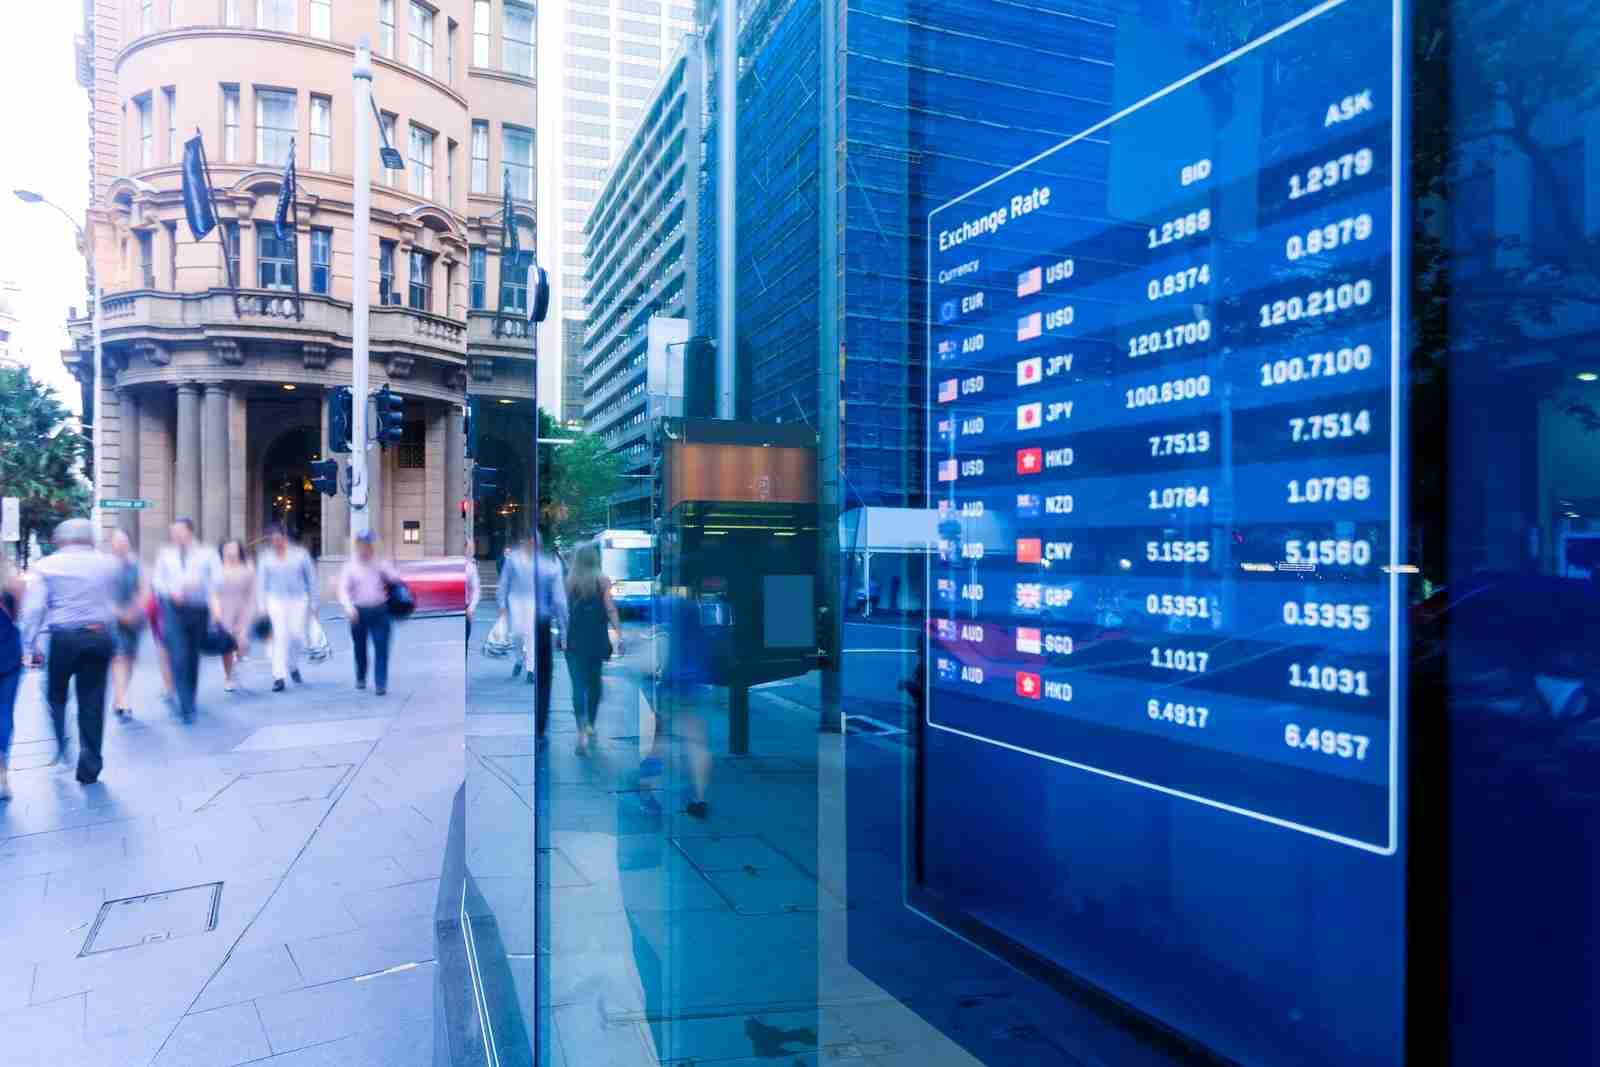 Exhange rate display bank outside